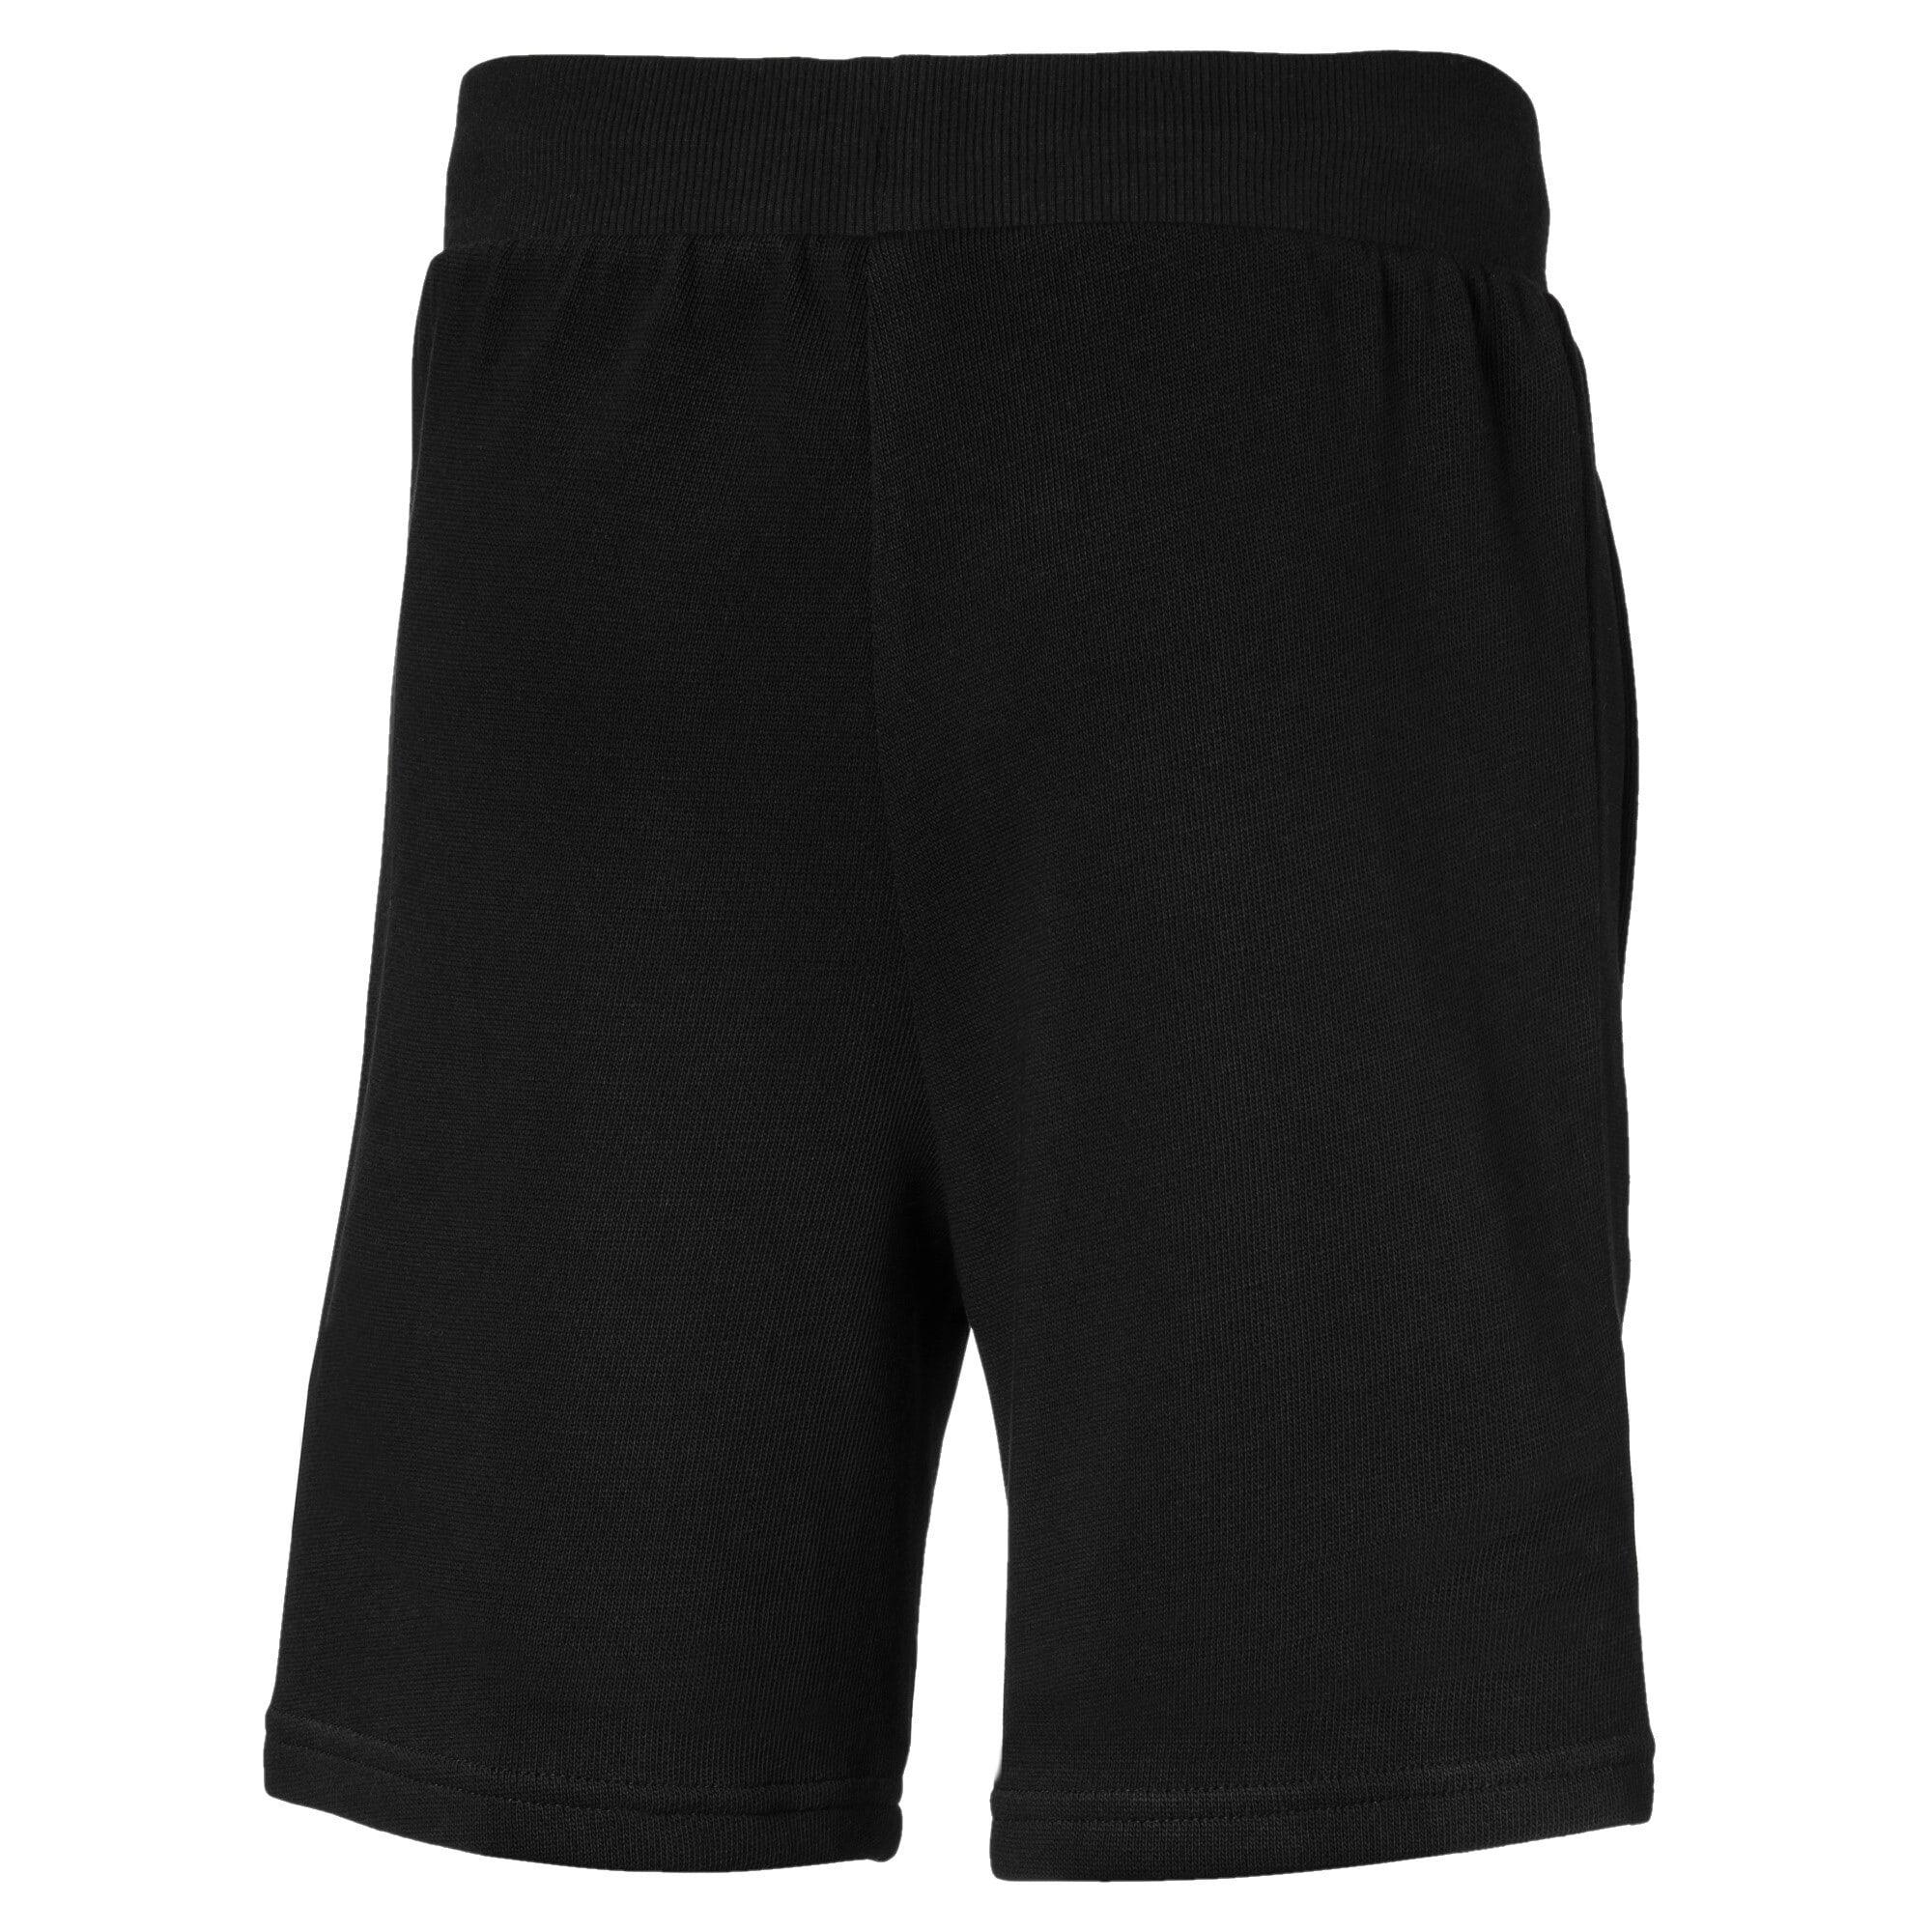 Thumbnail 2 of Scuderia Ferrari Boys' Sweat Shorts JR, Puma Black, medium